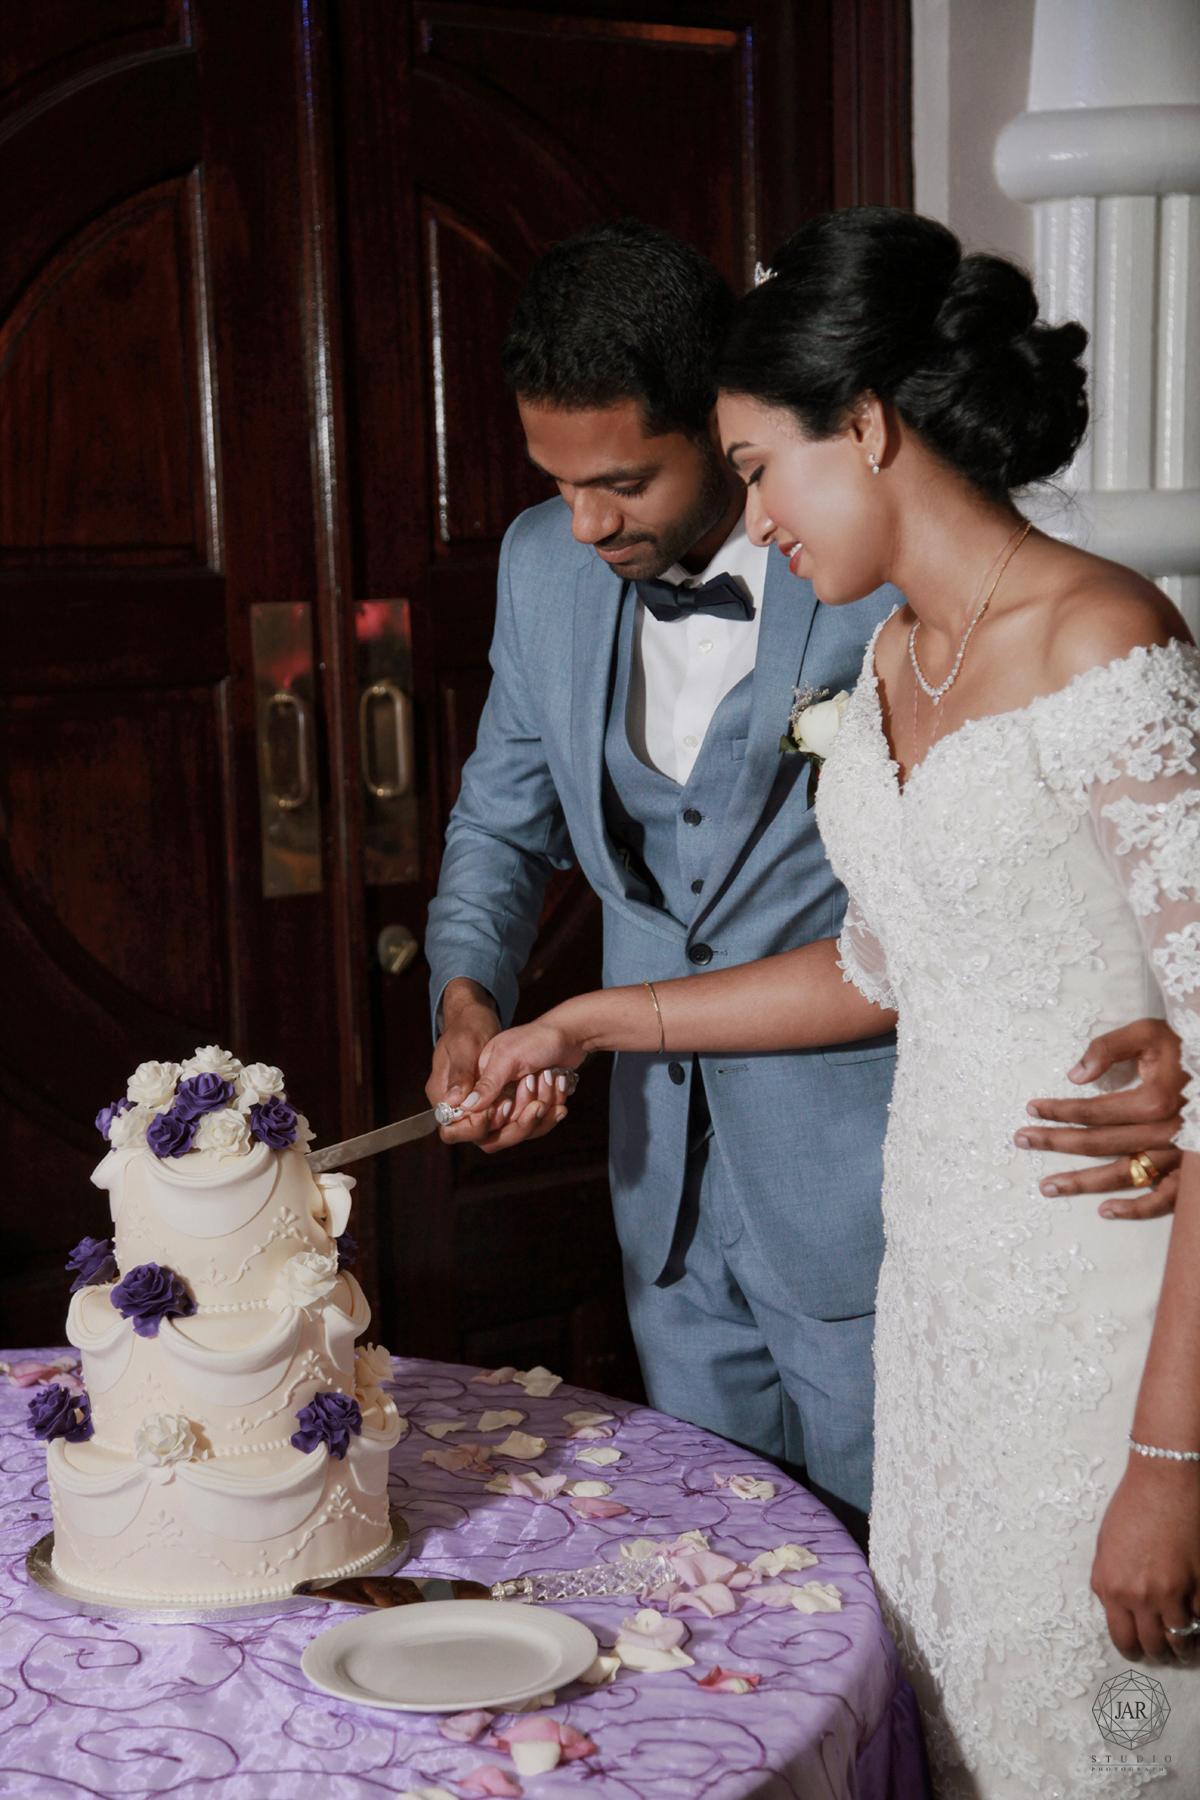 38-cutting-the-cake-ideas-sugar-orlando-wedding-photography.jpg